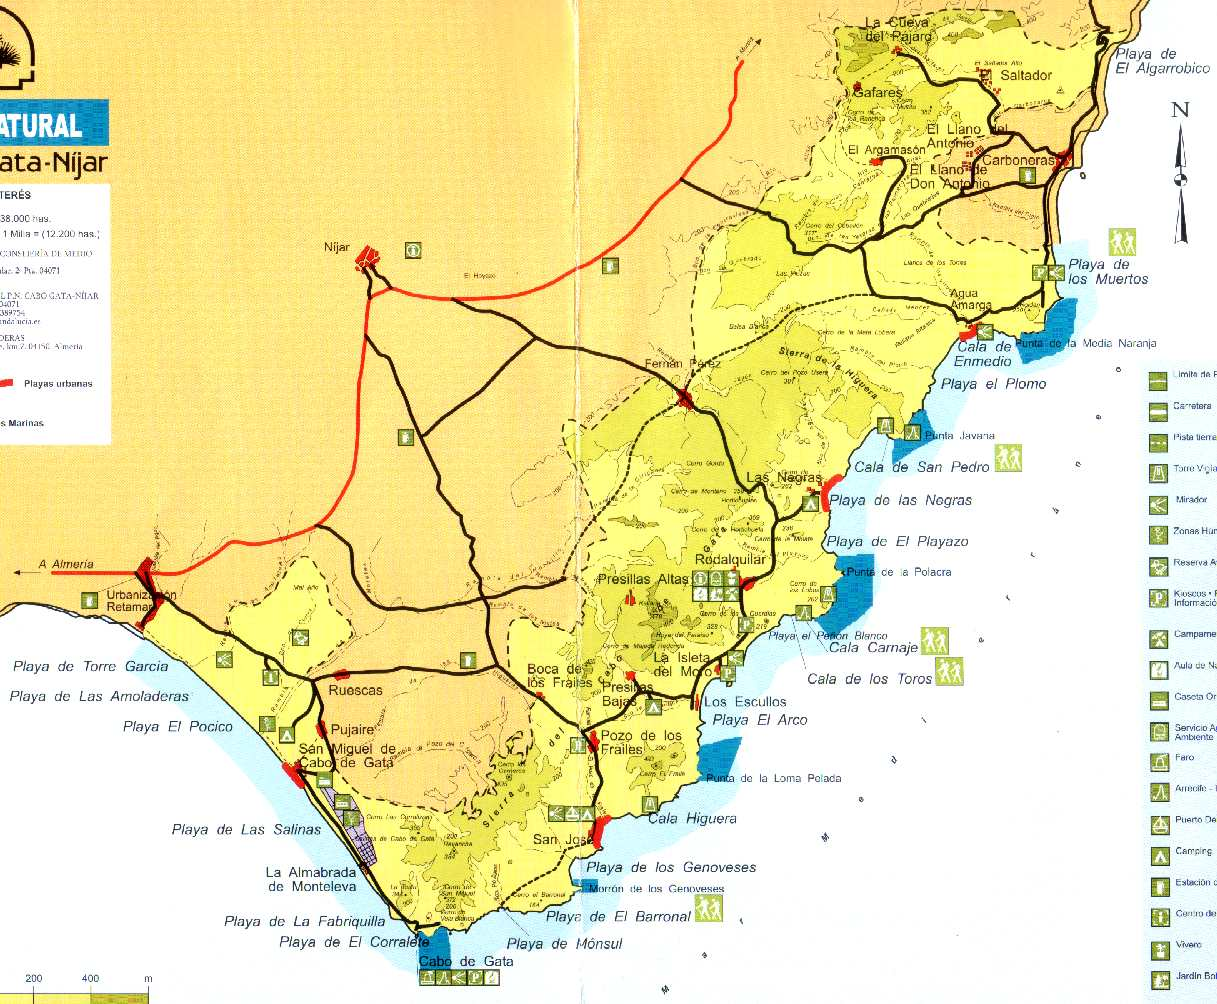 Mappa Spagna Orientale.Racconti Di Viaggio Spagna E Portogallo 2002 Diario Di Viaggio Di Michele